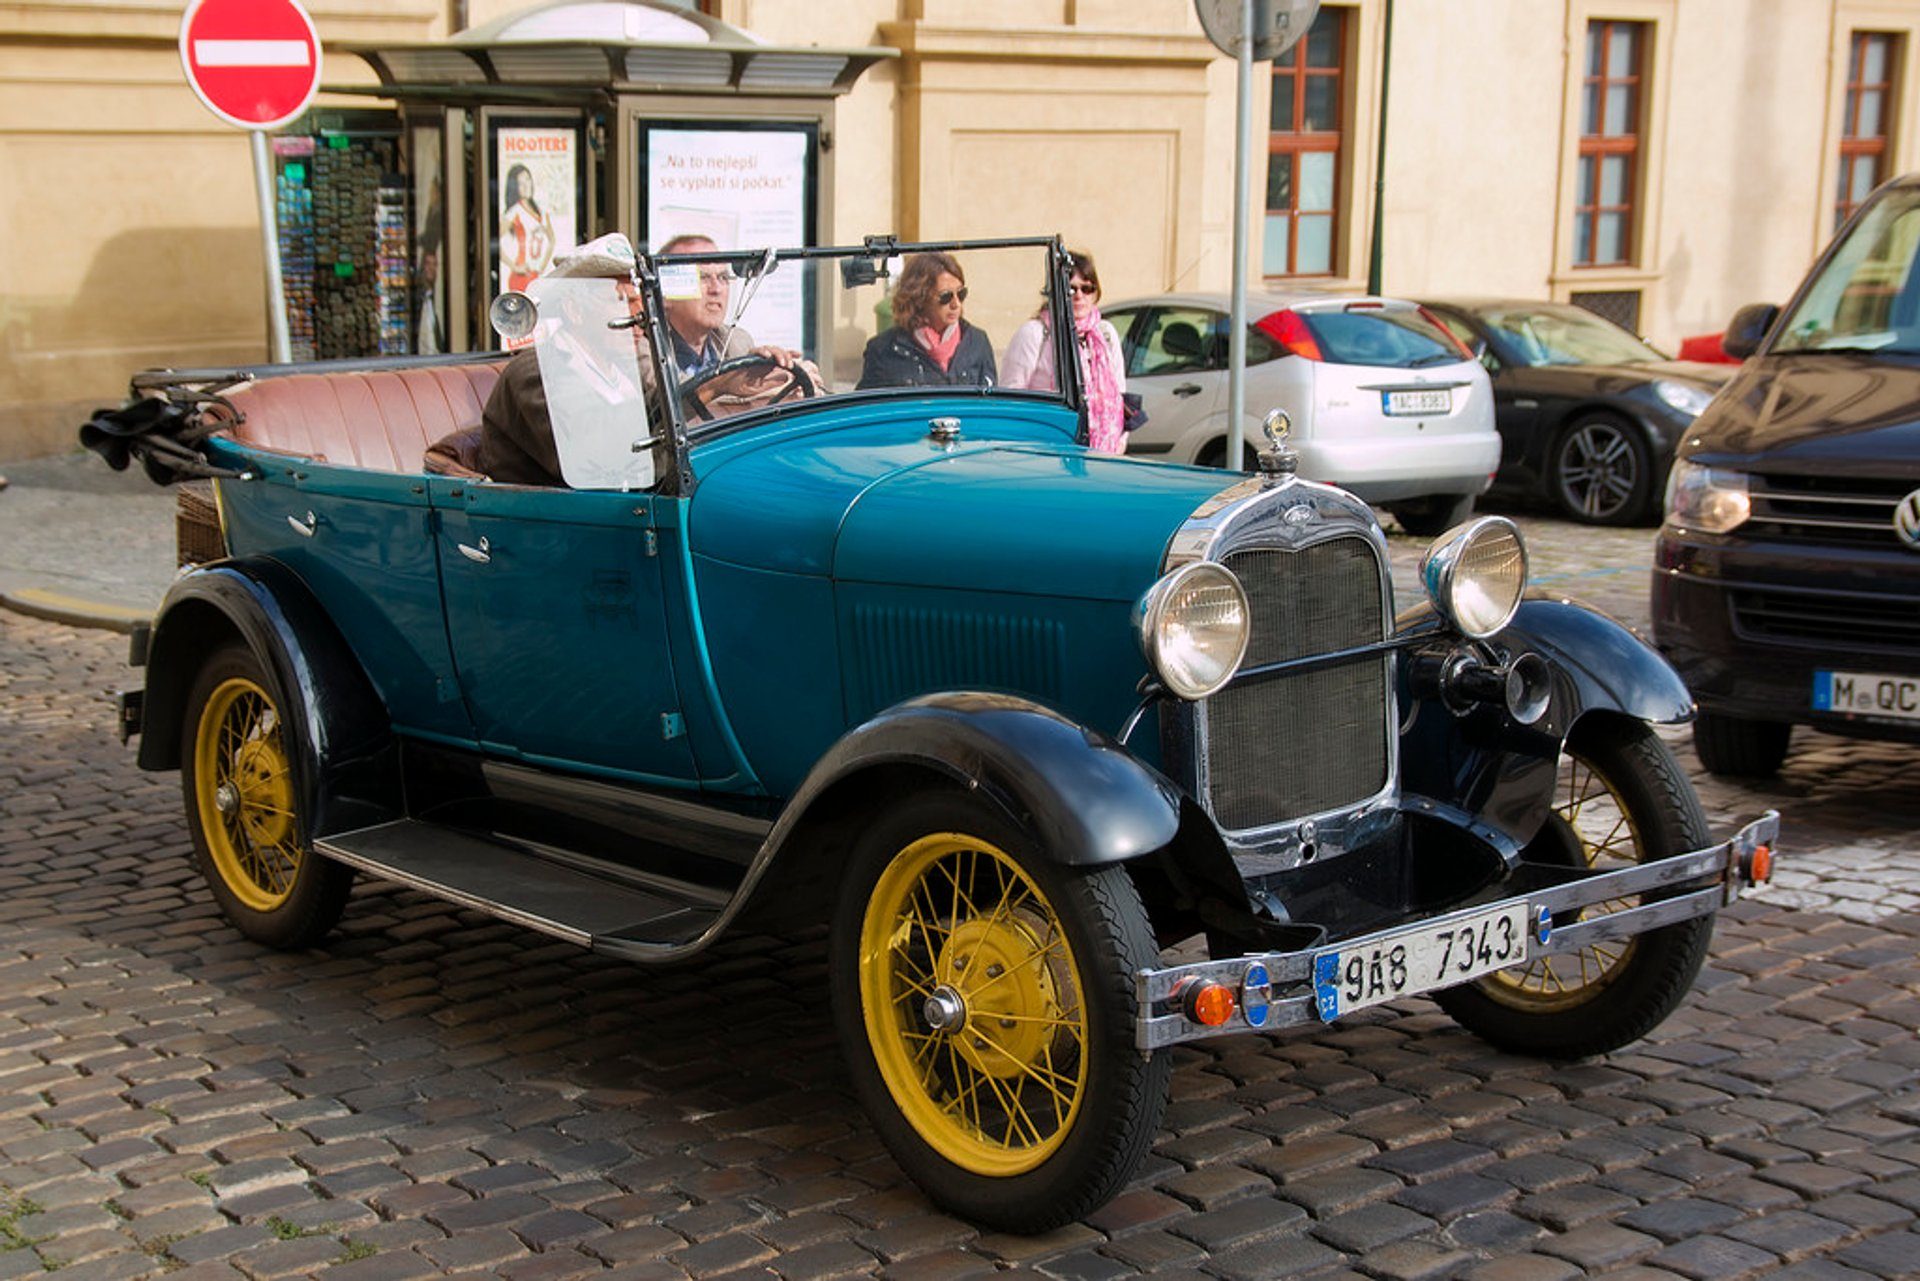 Vintage Cabrio Tour in Prague 2019 - Best Time